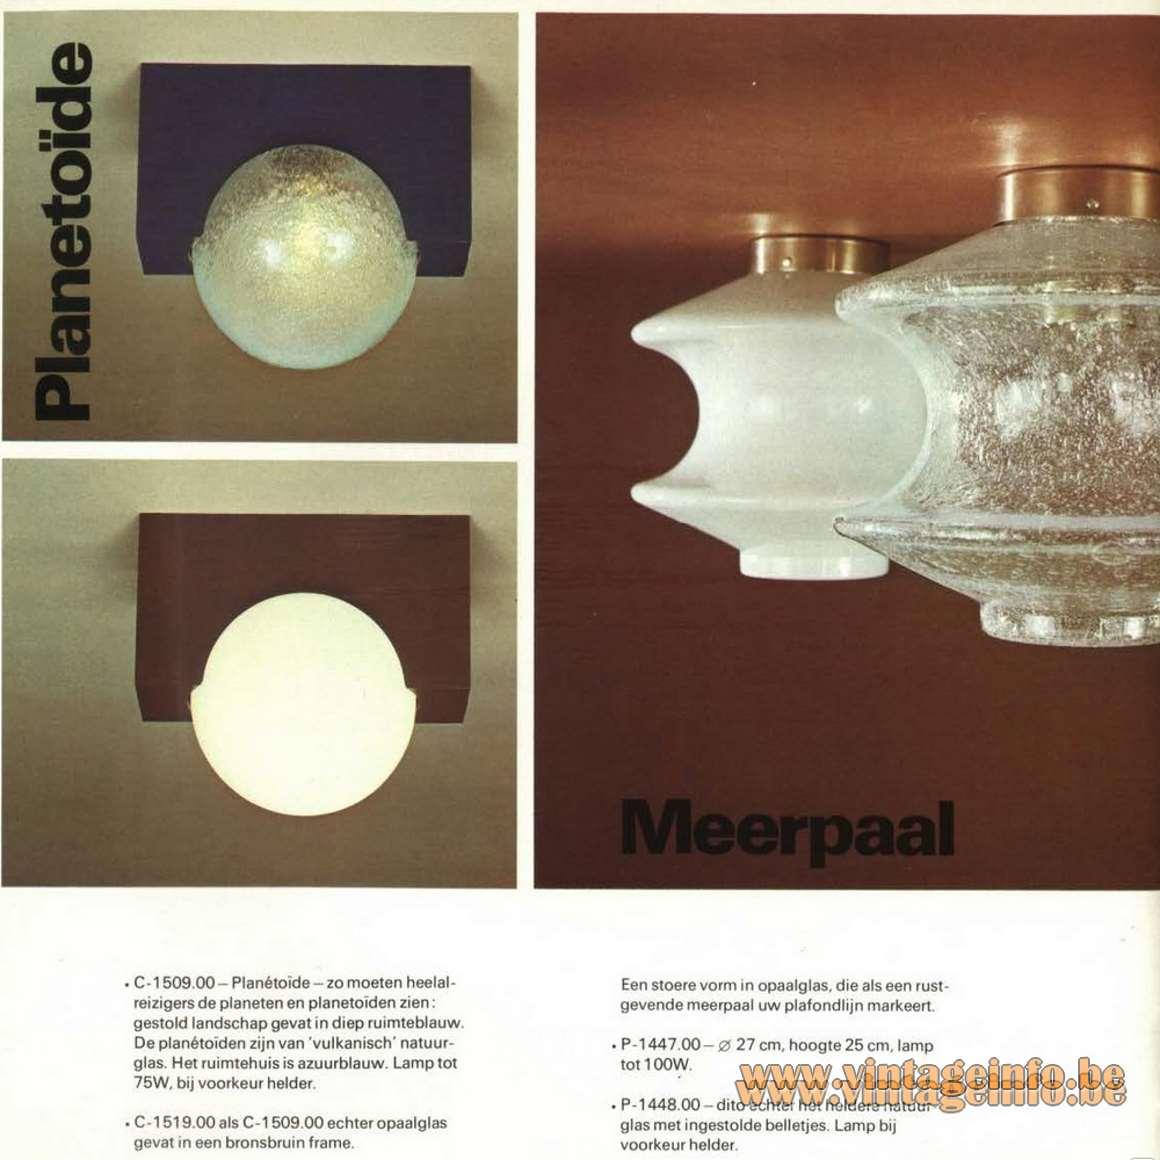 Raak Meerpaal P-1447 - P-1448